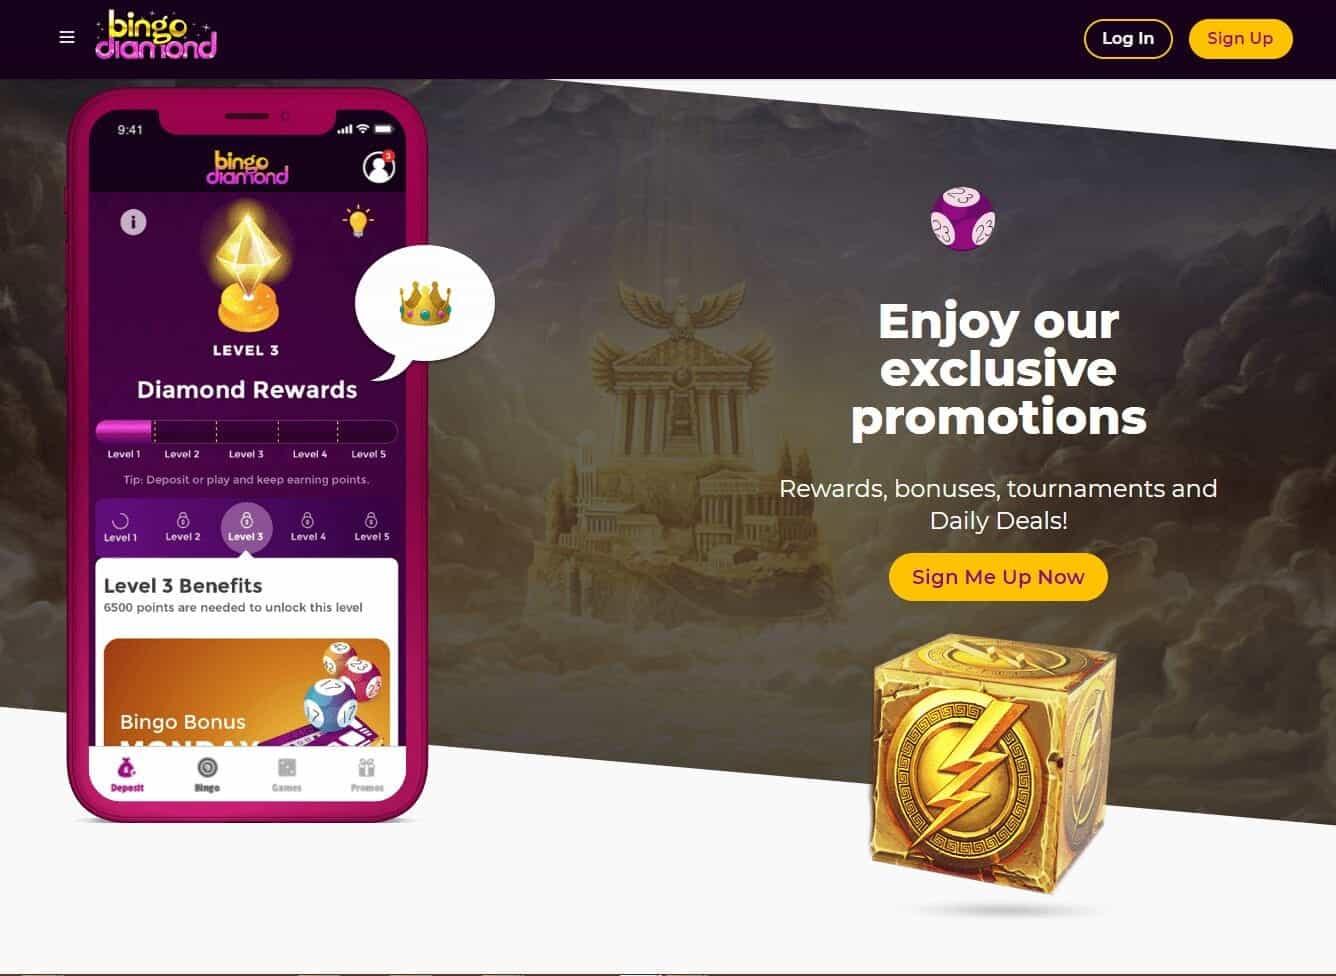 bingo diamond promotions